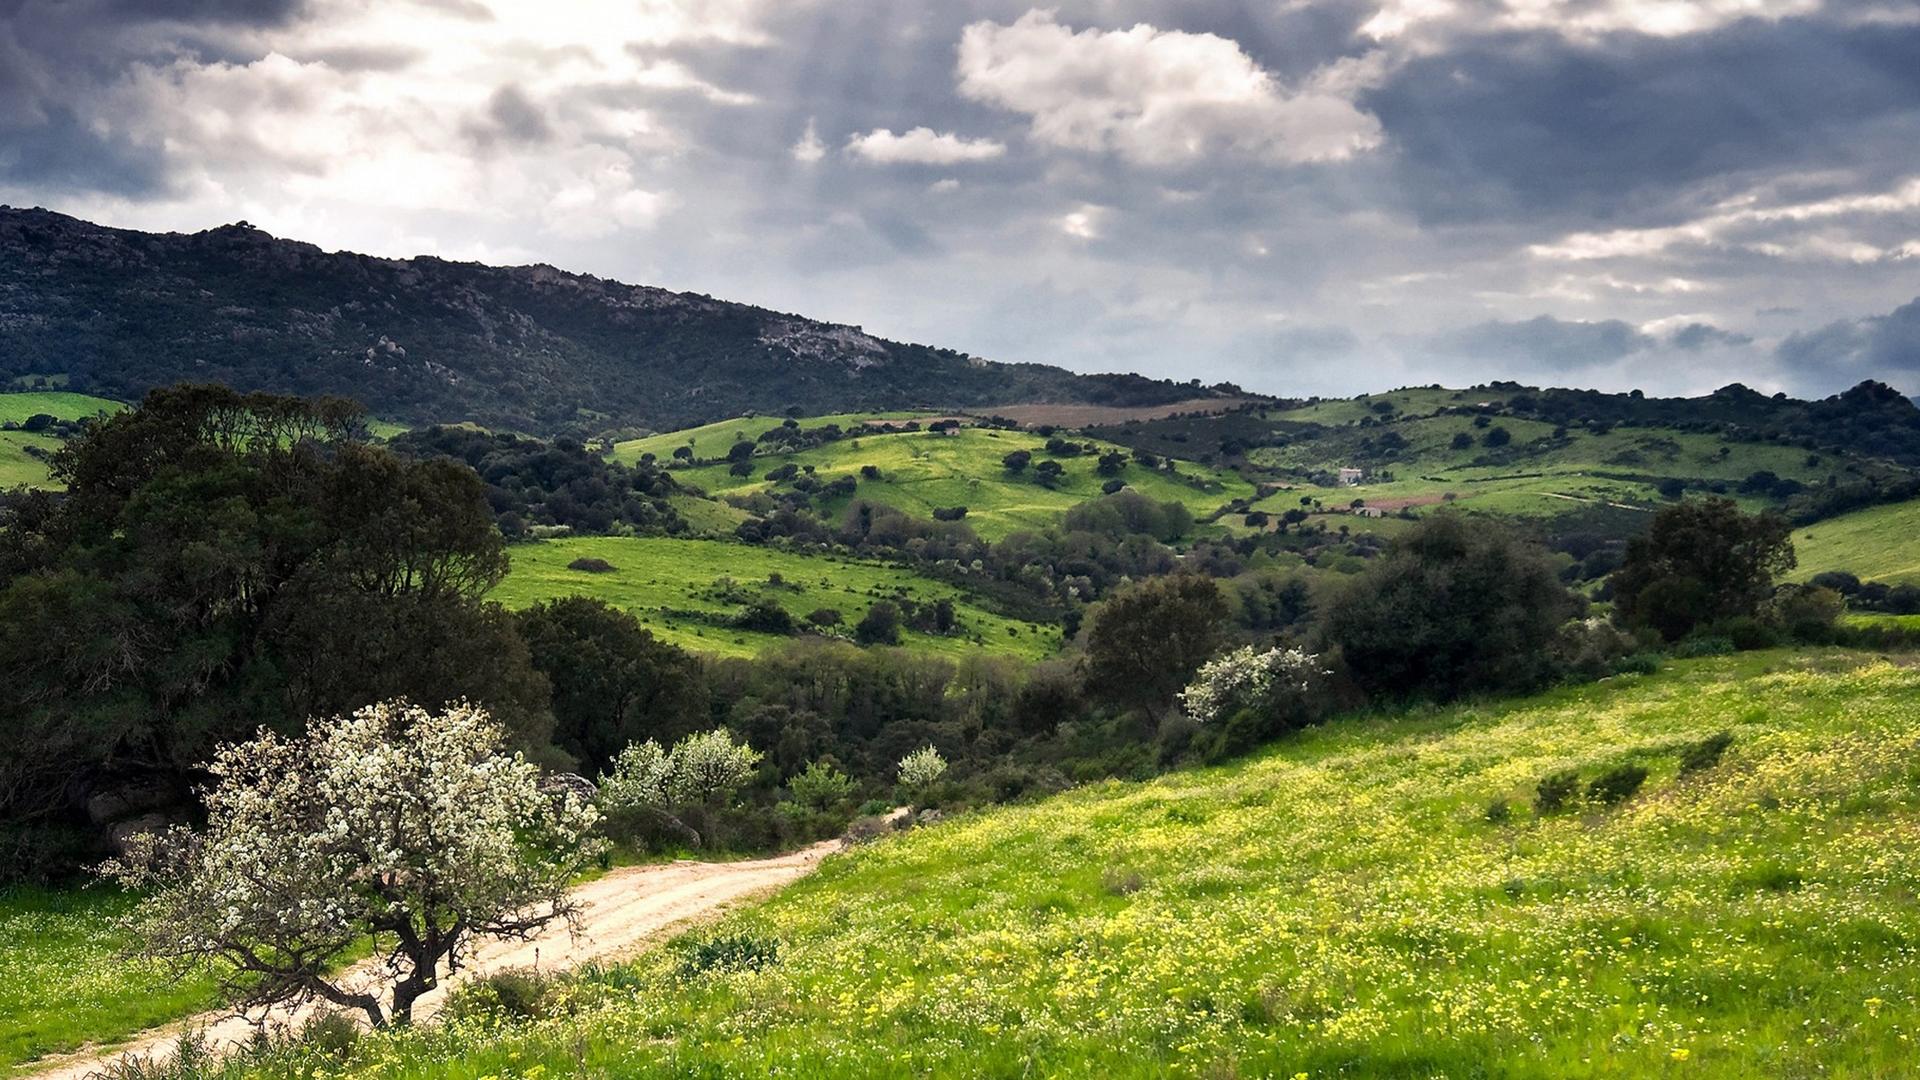 холмы, сопки, трава